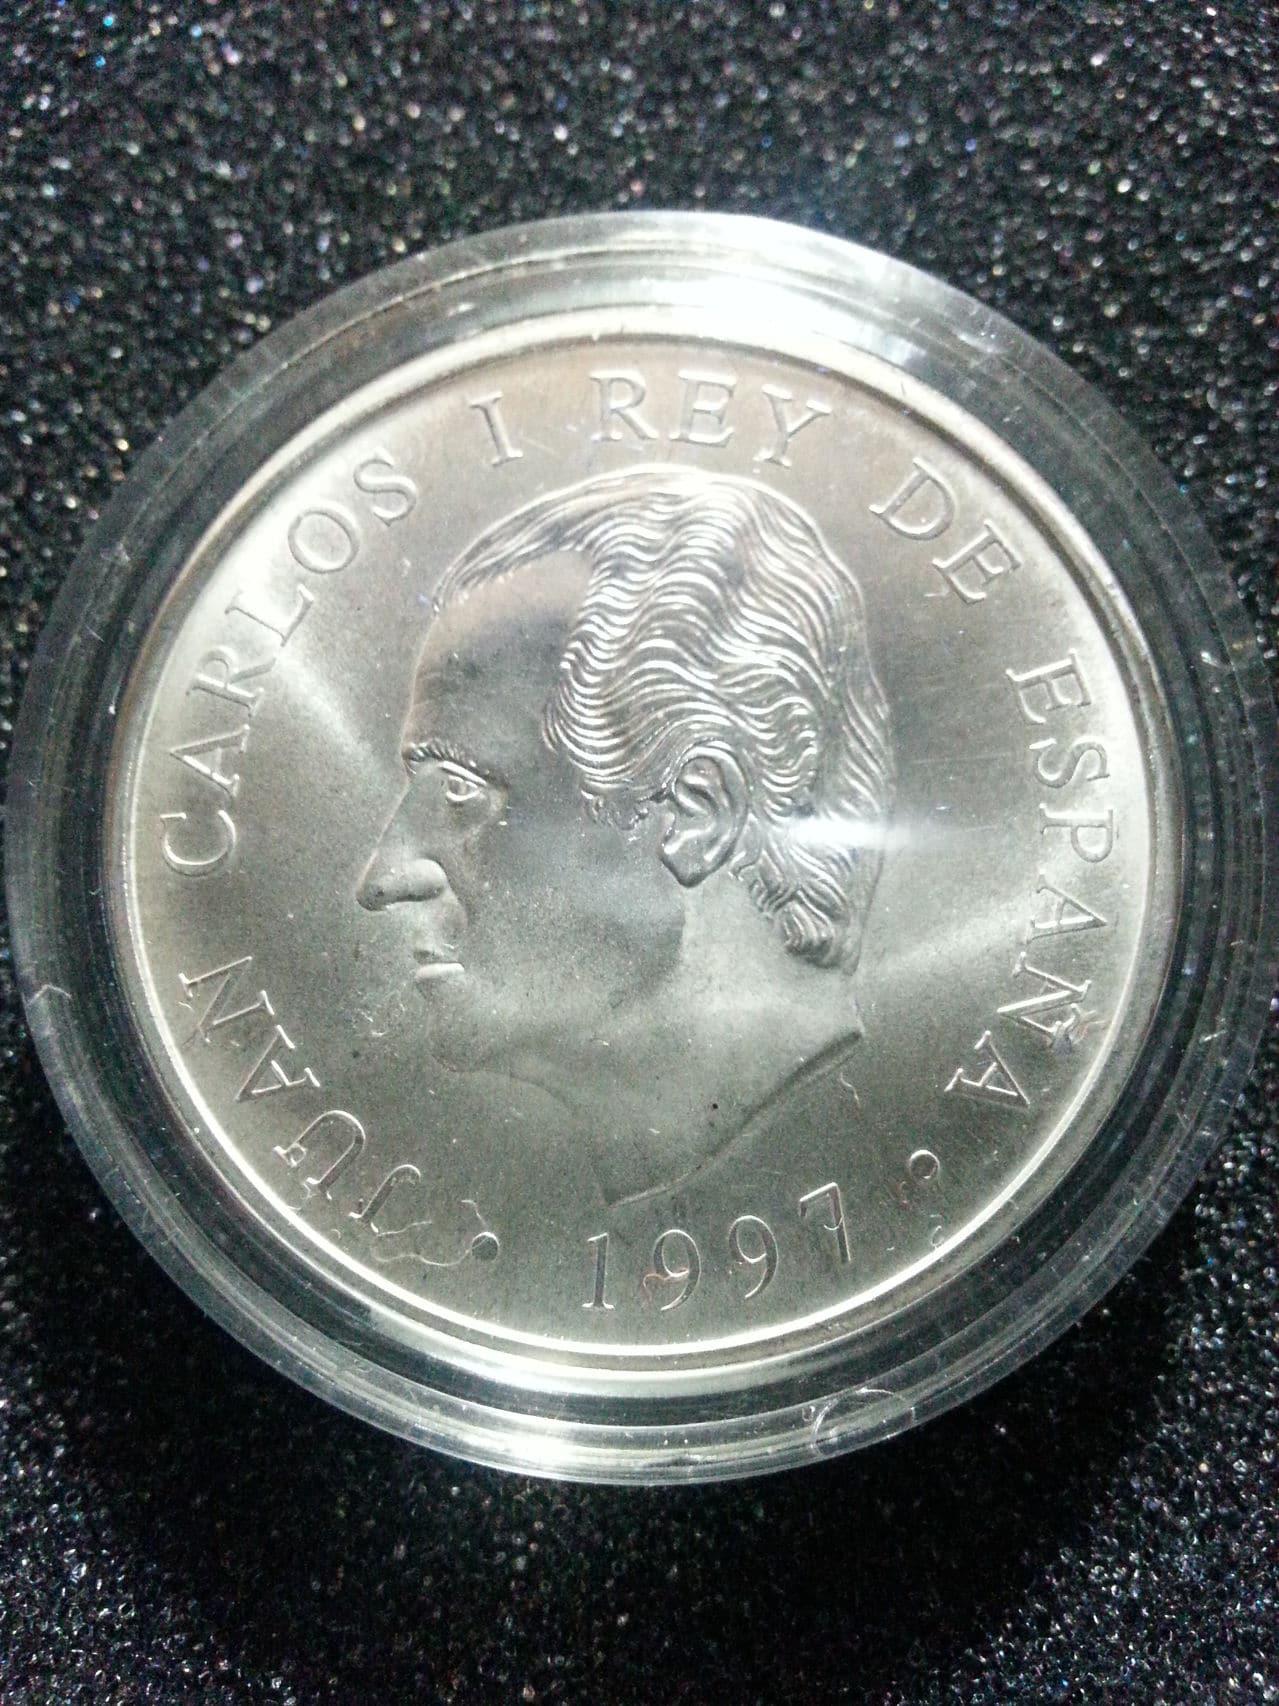 Monedas ecuestres - Página 2 20150212_200940